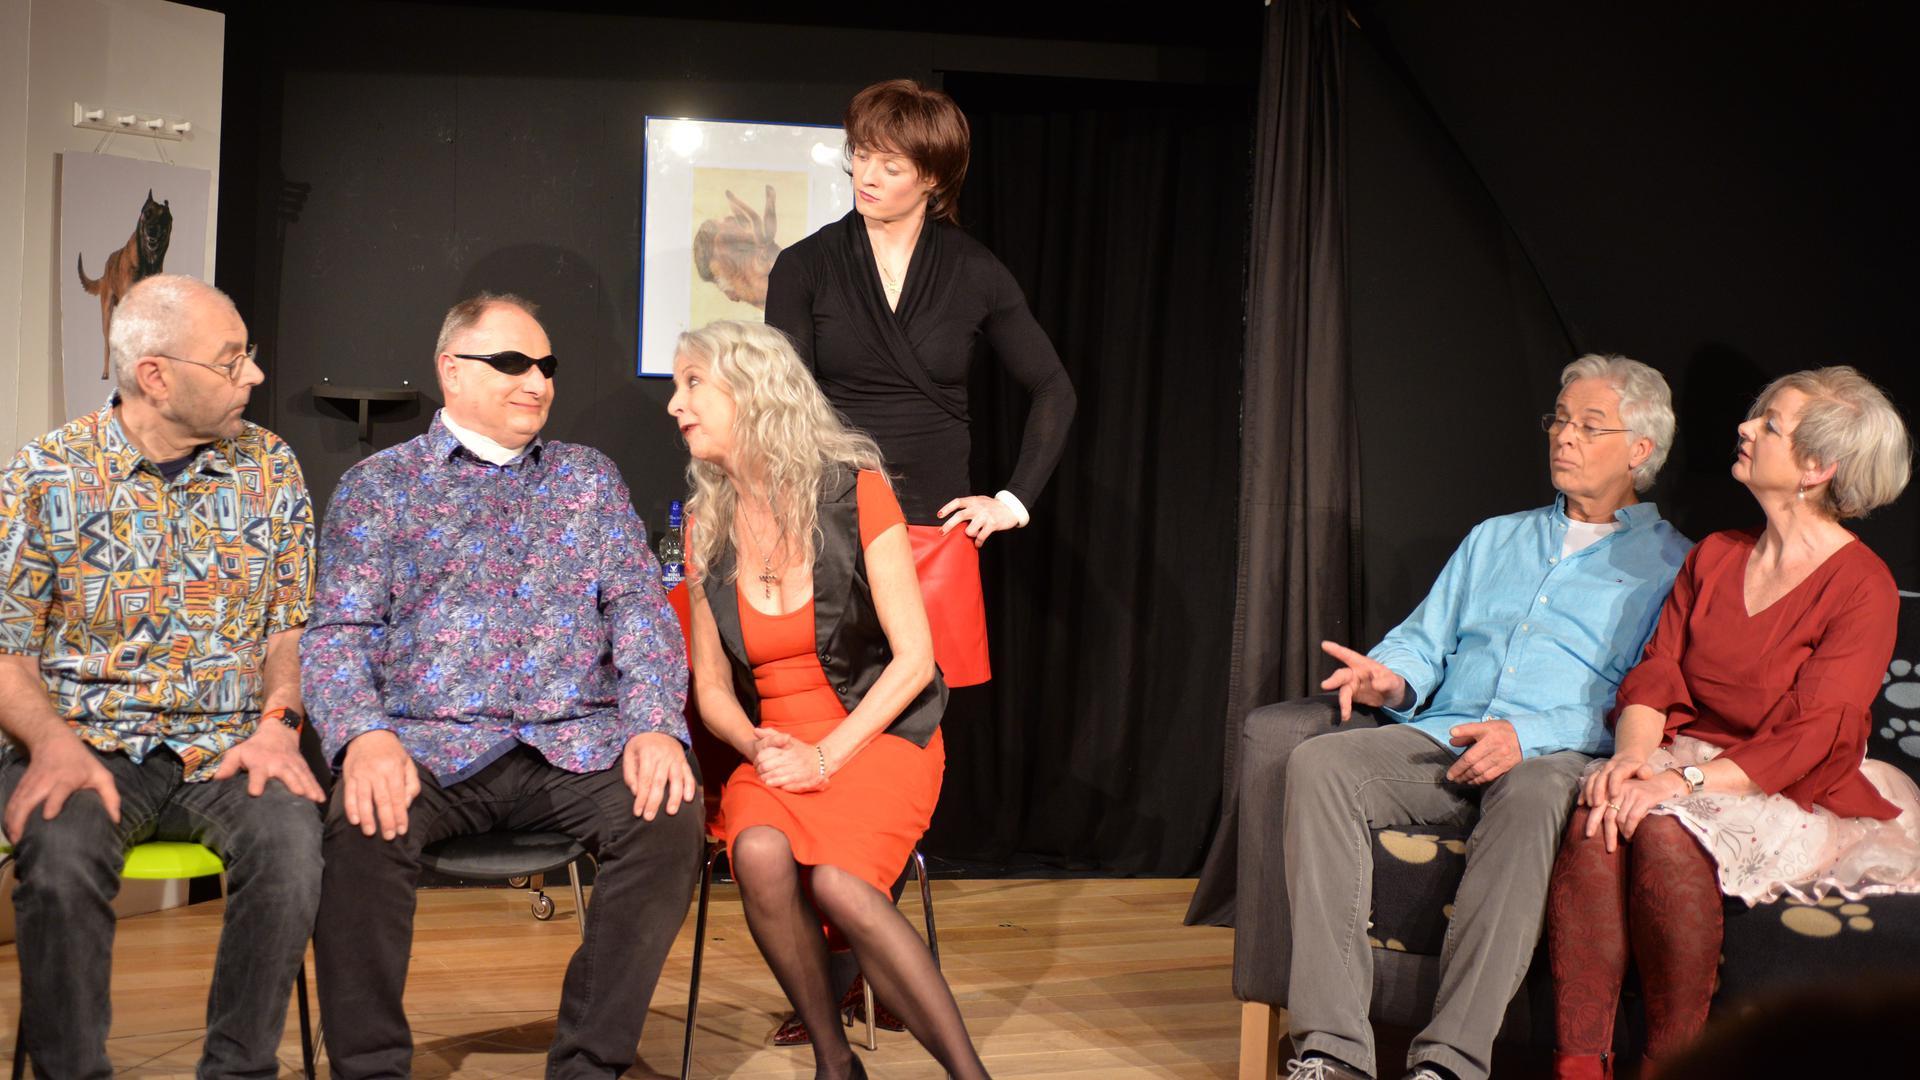 Sechs Personen in einer Theaterszene vor schwarzem Vorhang